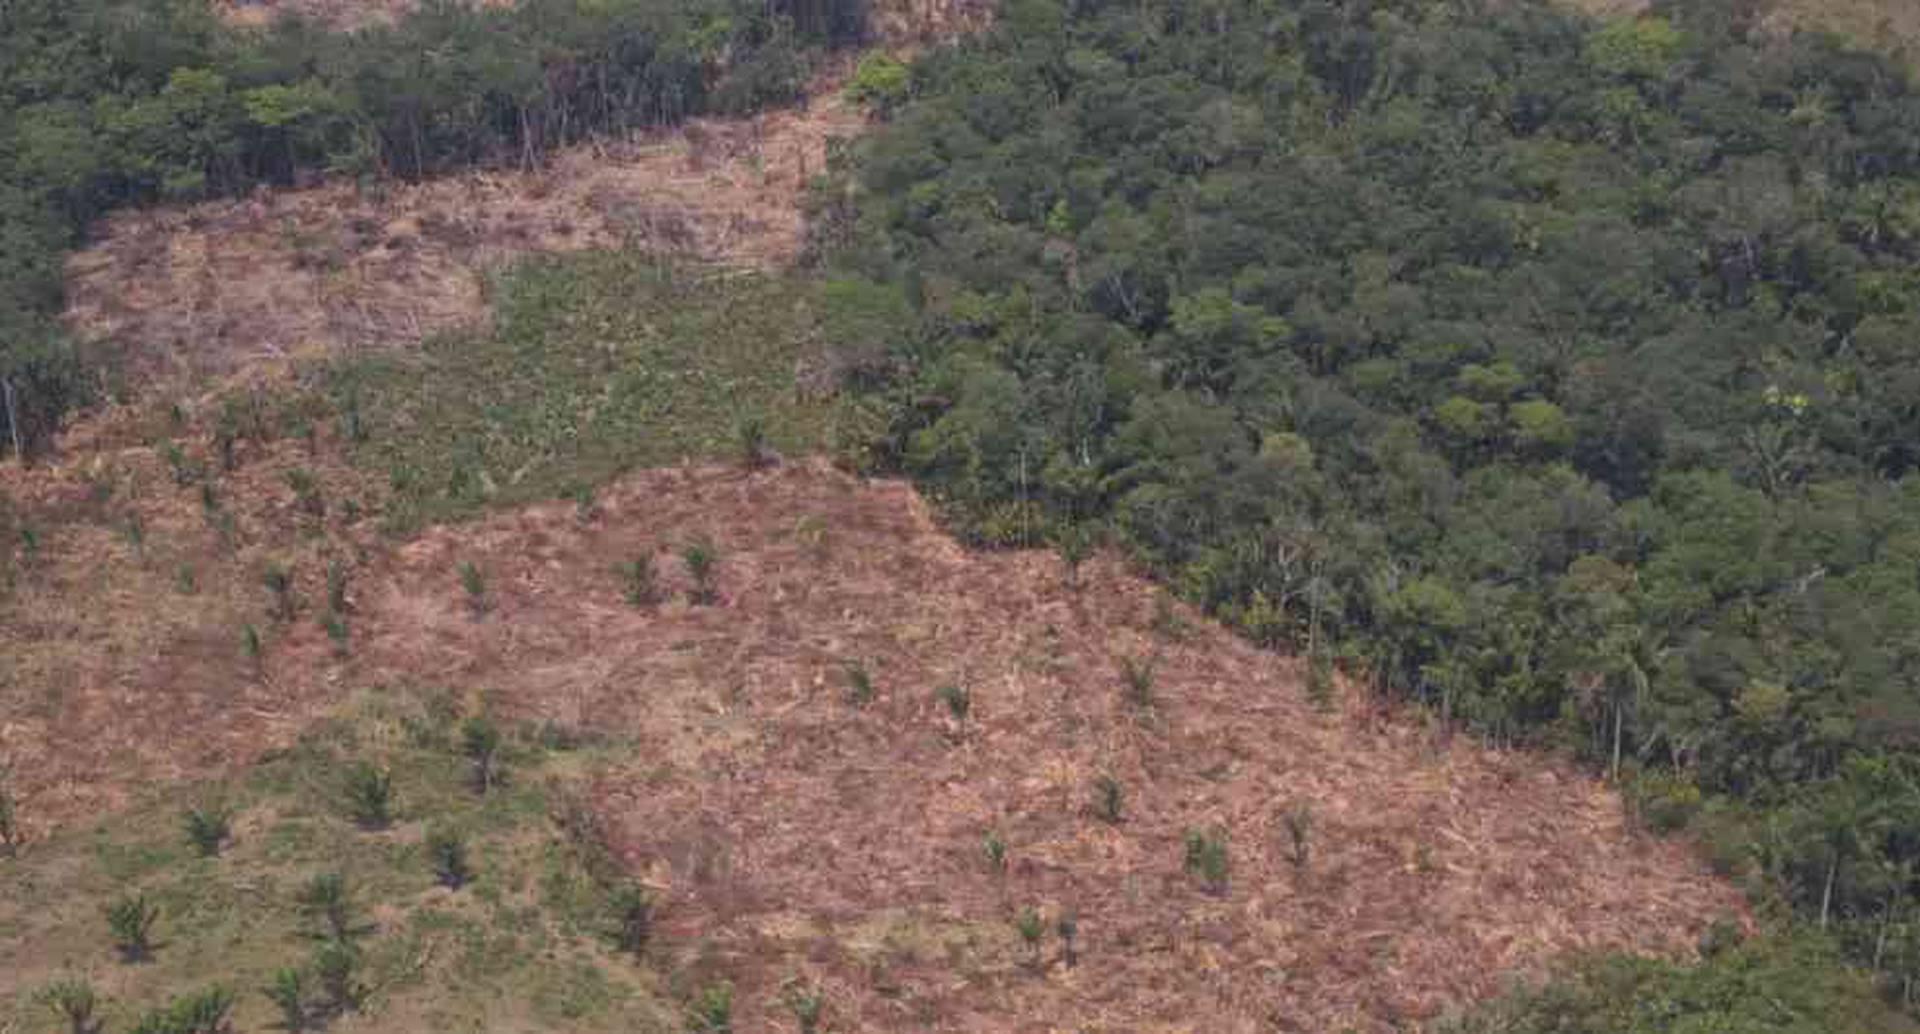 El acaparamiento de tierras para la ganadería extensiva es una de las principales causas de la deforestación en Guaviare. Foto: archivo particular.